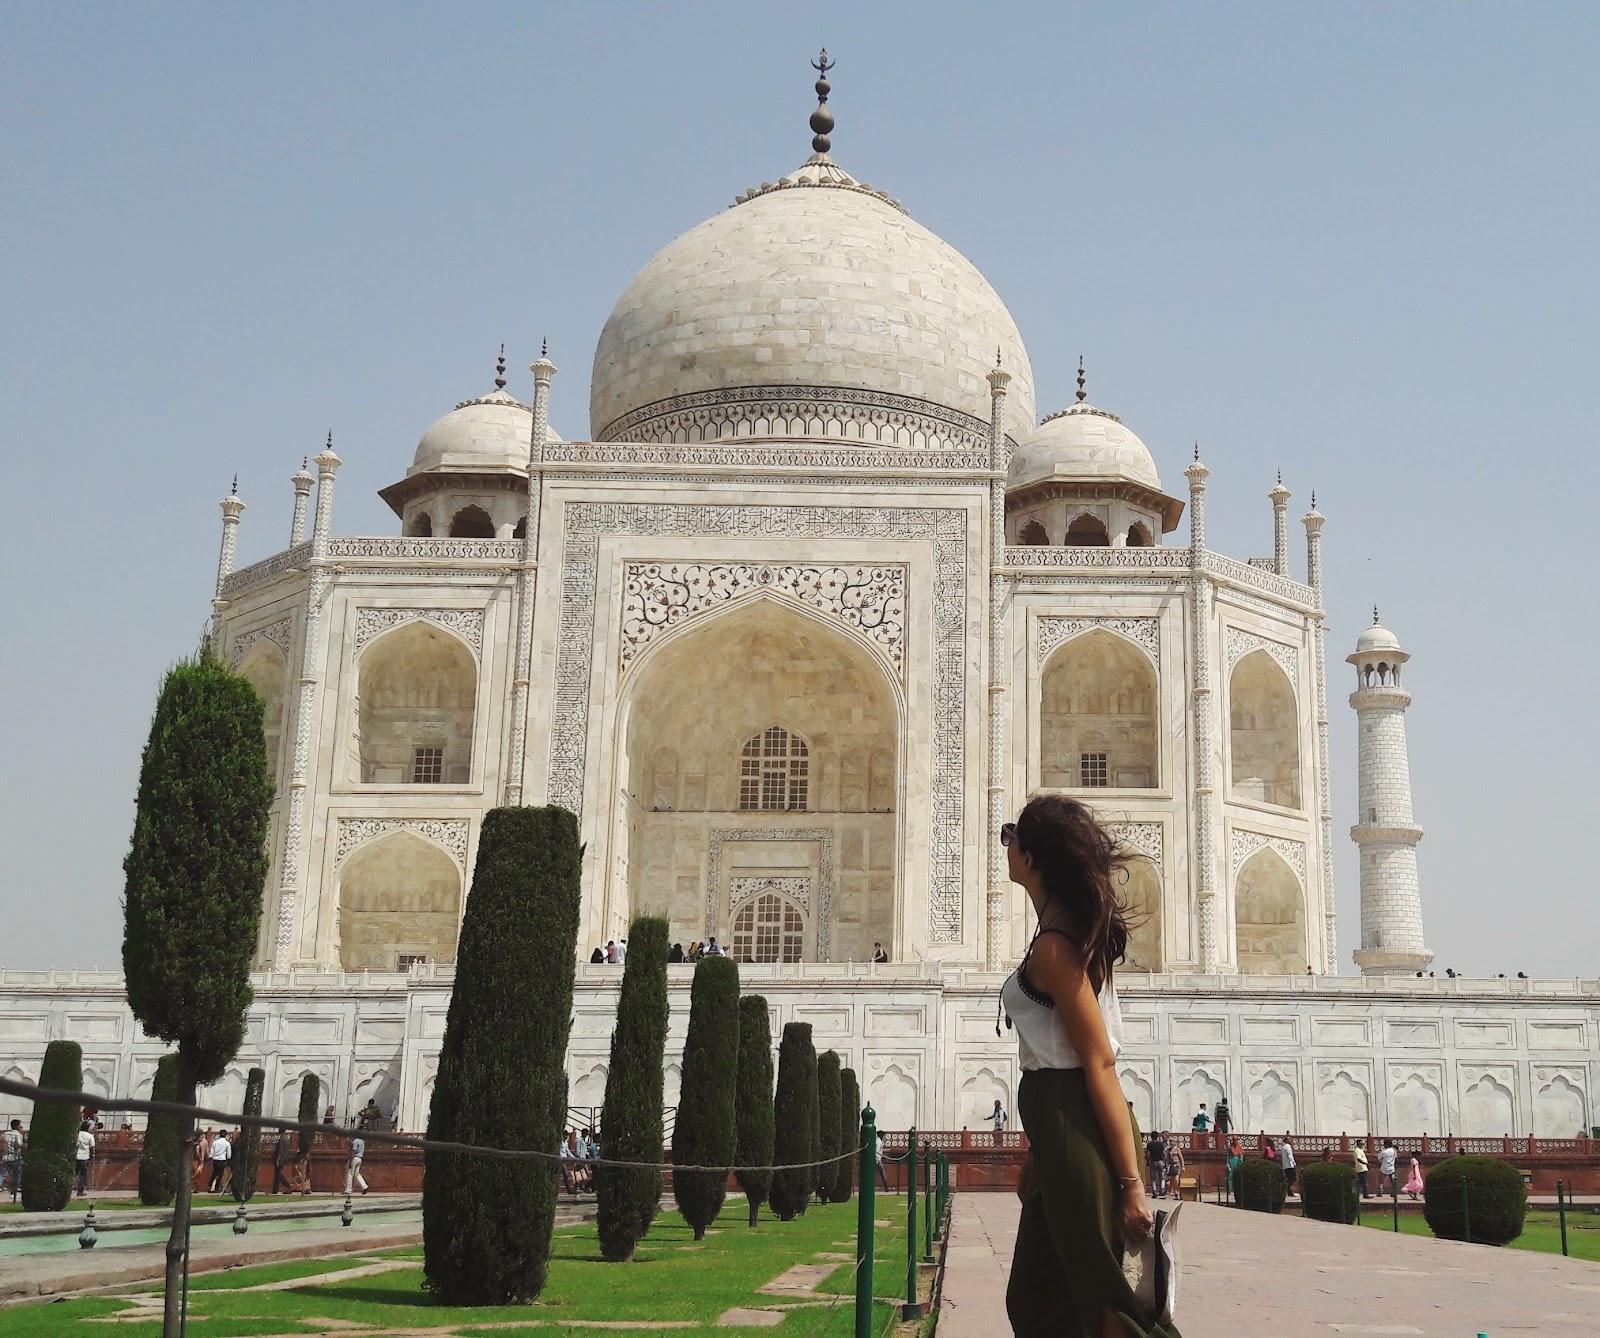 טאג' מאהל אגרה טיול להודו לאן לטייל מה לעשות איפה להיות רשימת יעדים לשנת 2020